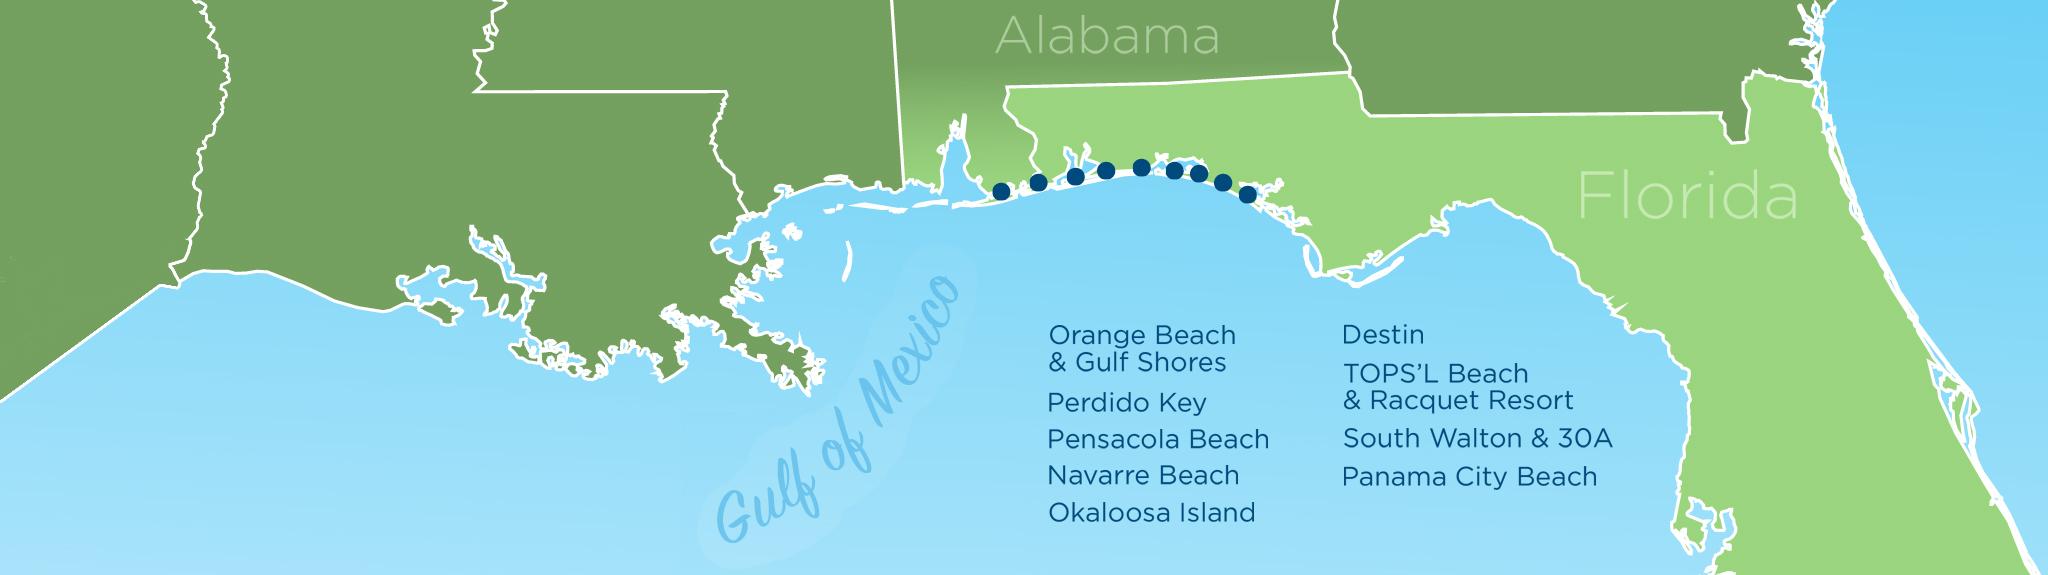 Map Of Southern Florida Tourism Fiji Floridas West Coast Floridas - Florida map west coast beaches